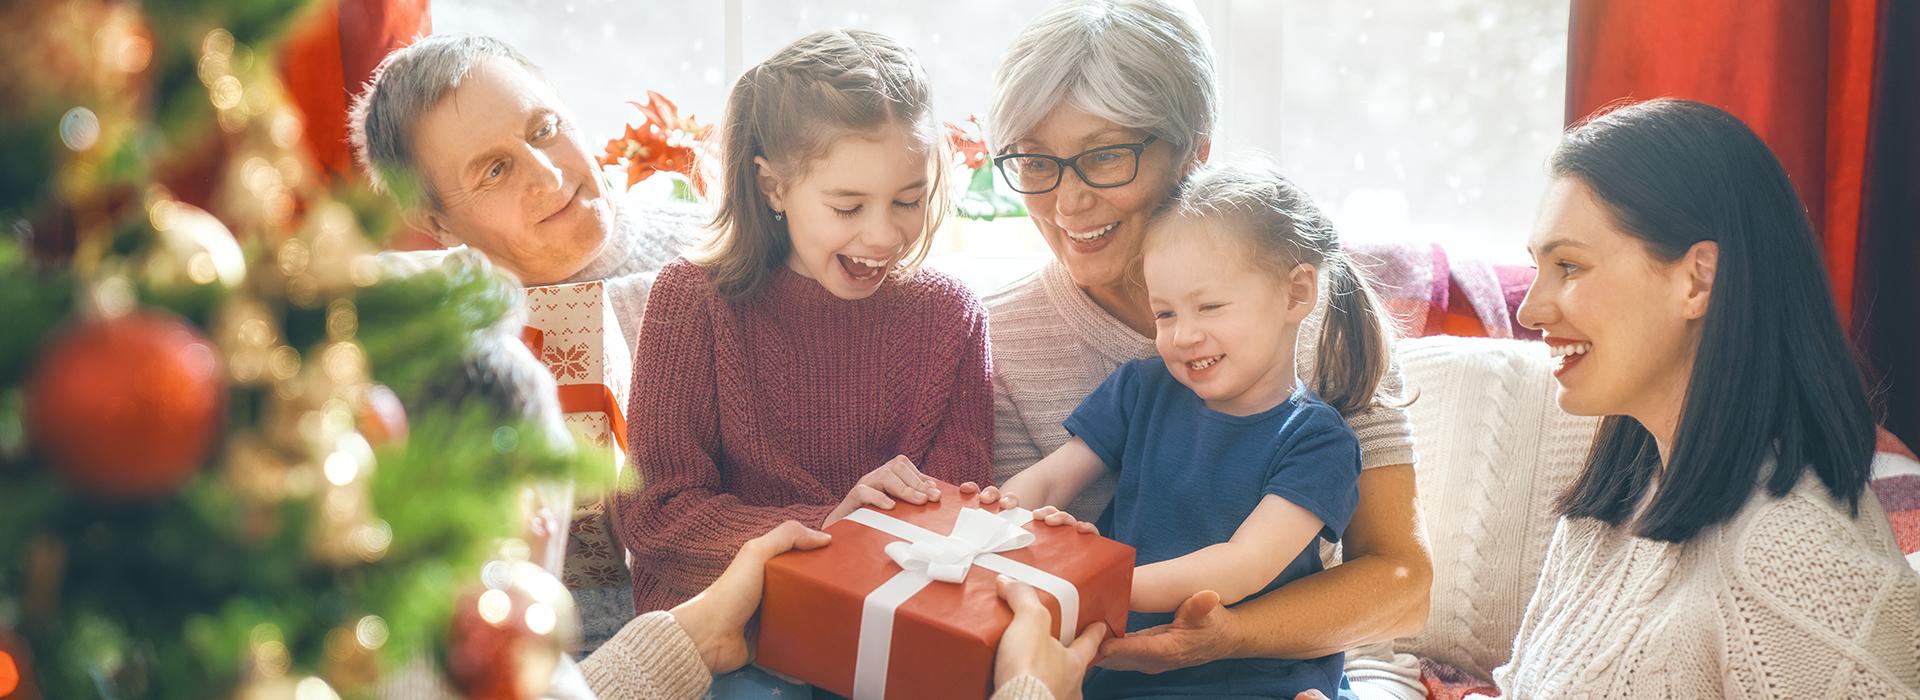 Kategorie_Weihnachten_01